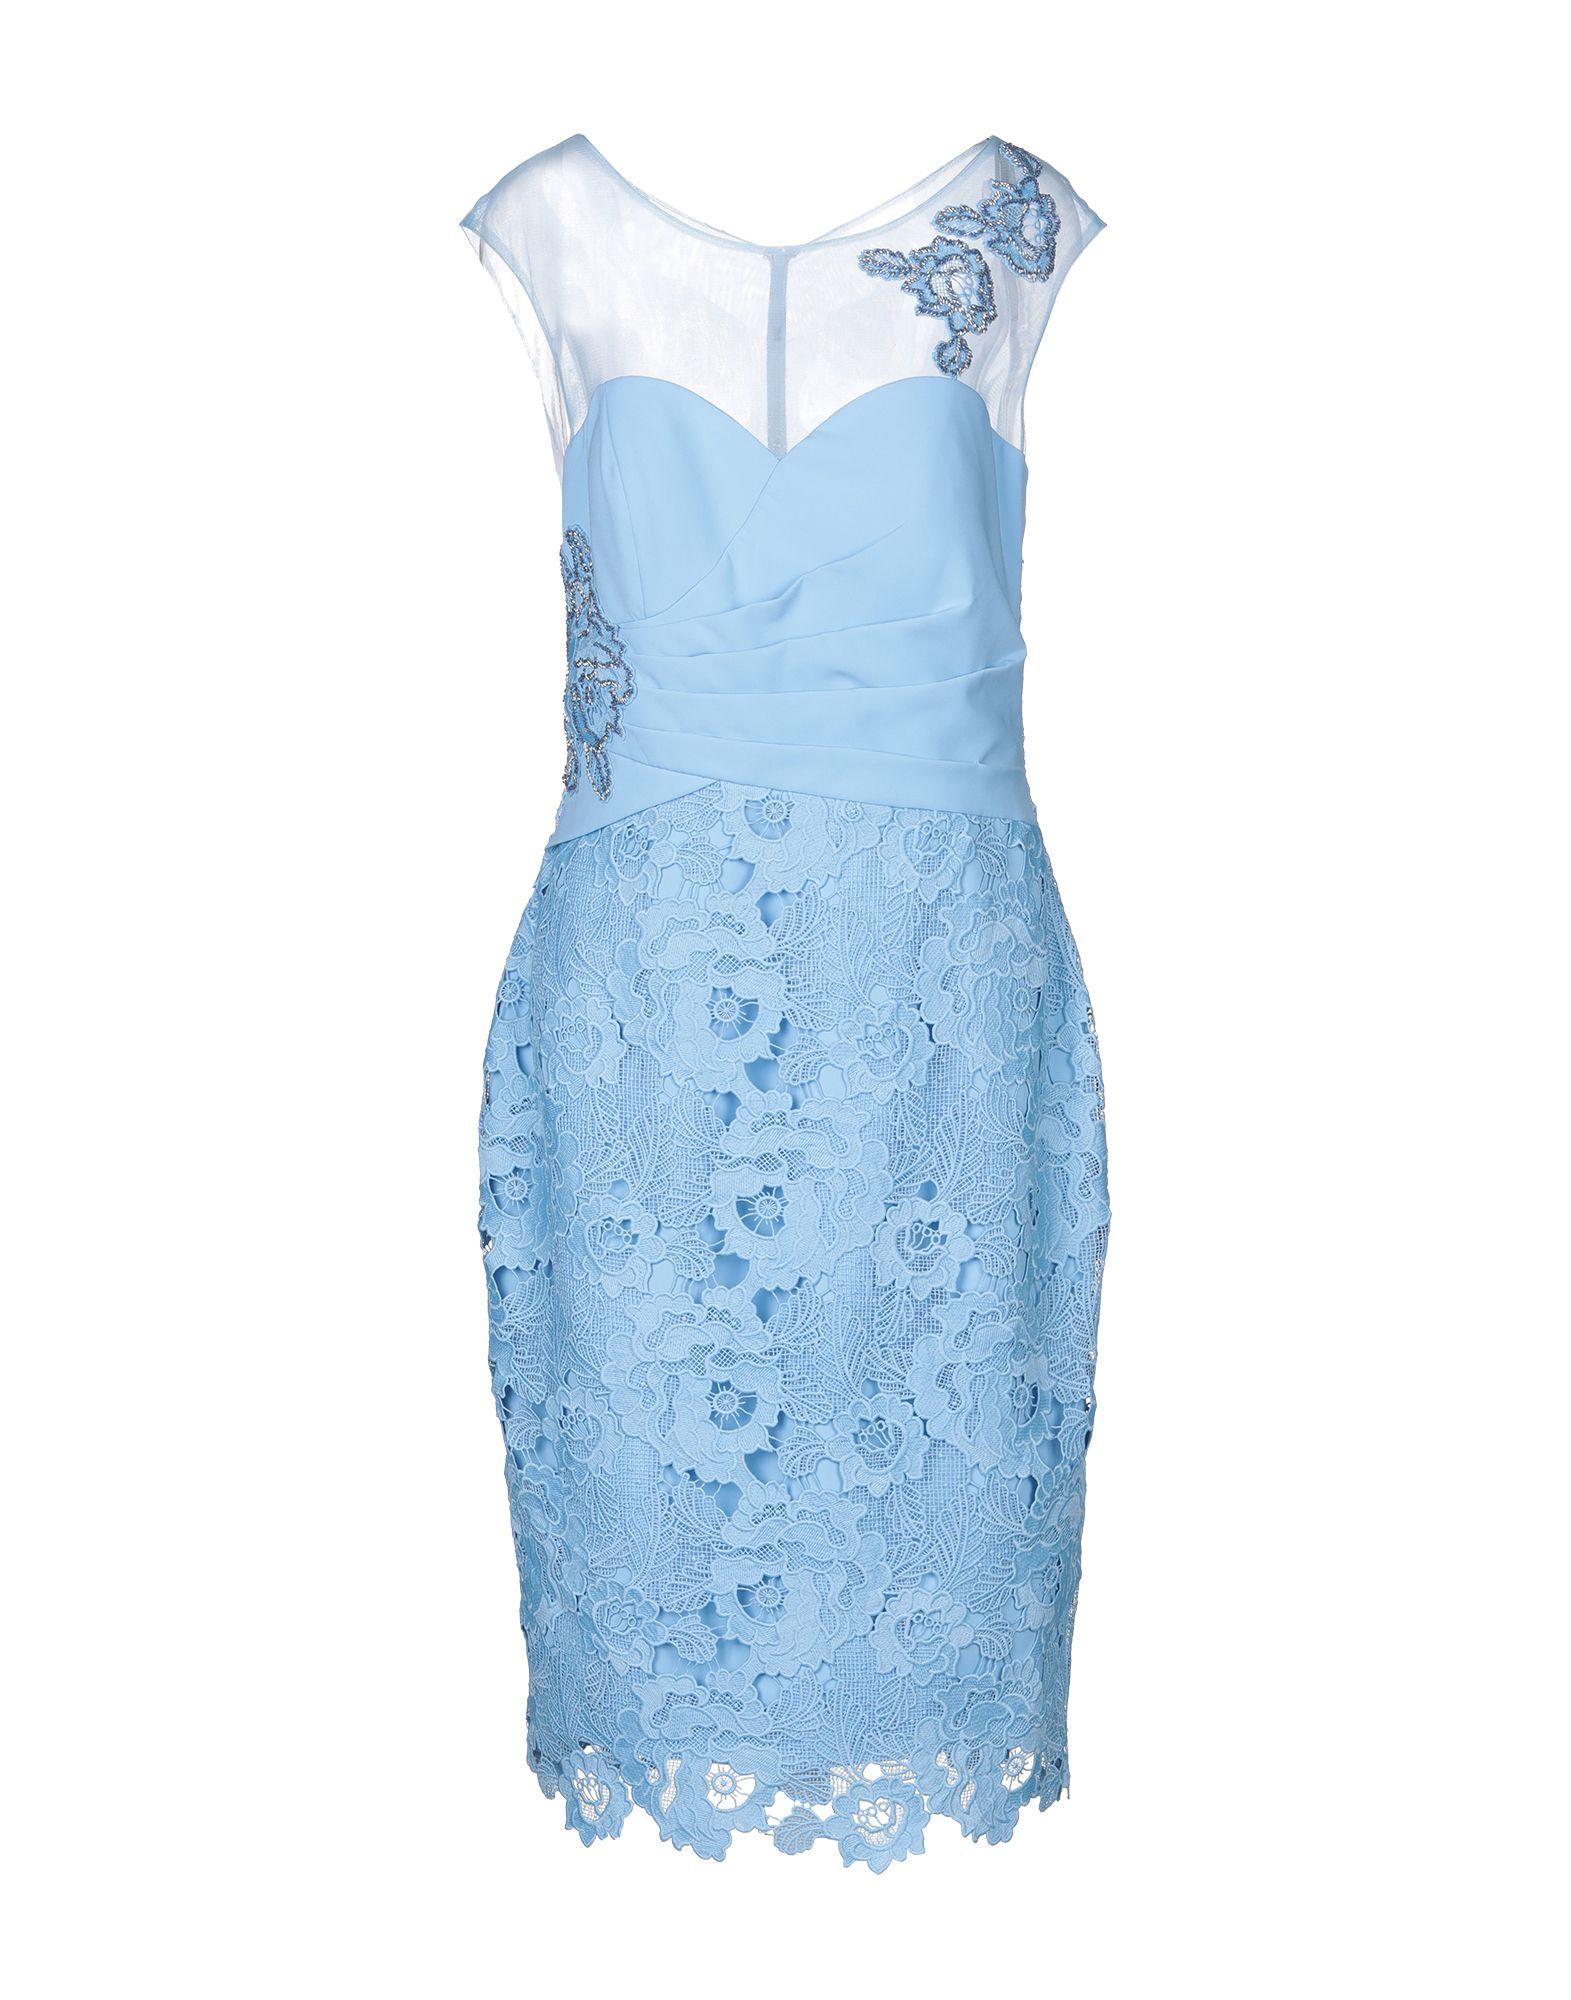 ALLURE Платье длиной 3/4 колготки allure vista 20 цвет glase бронза размер 4